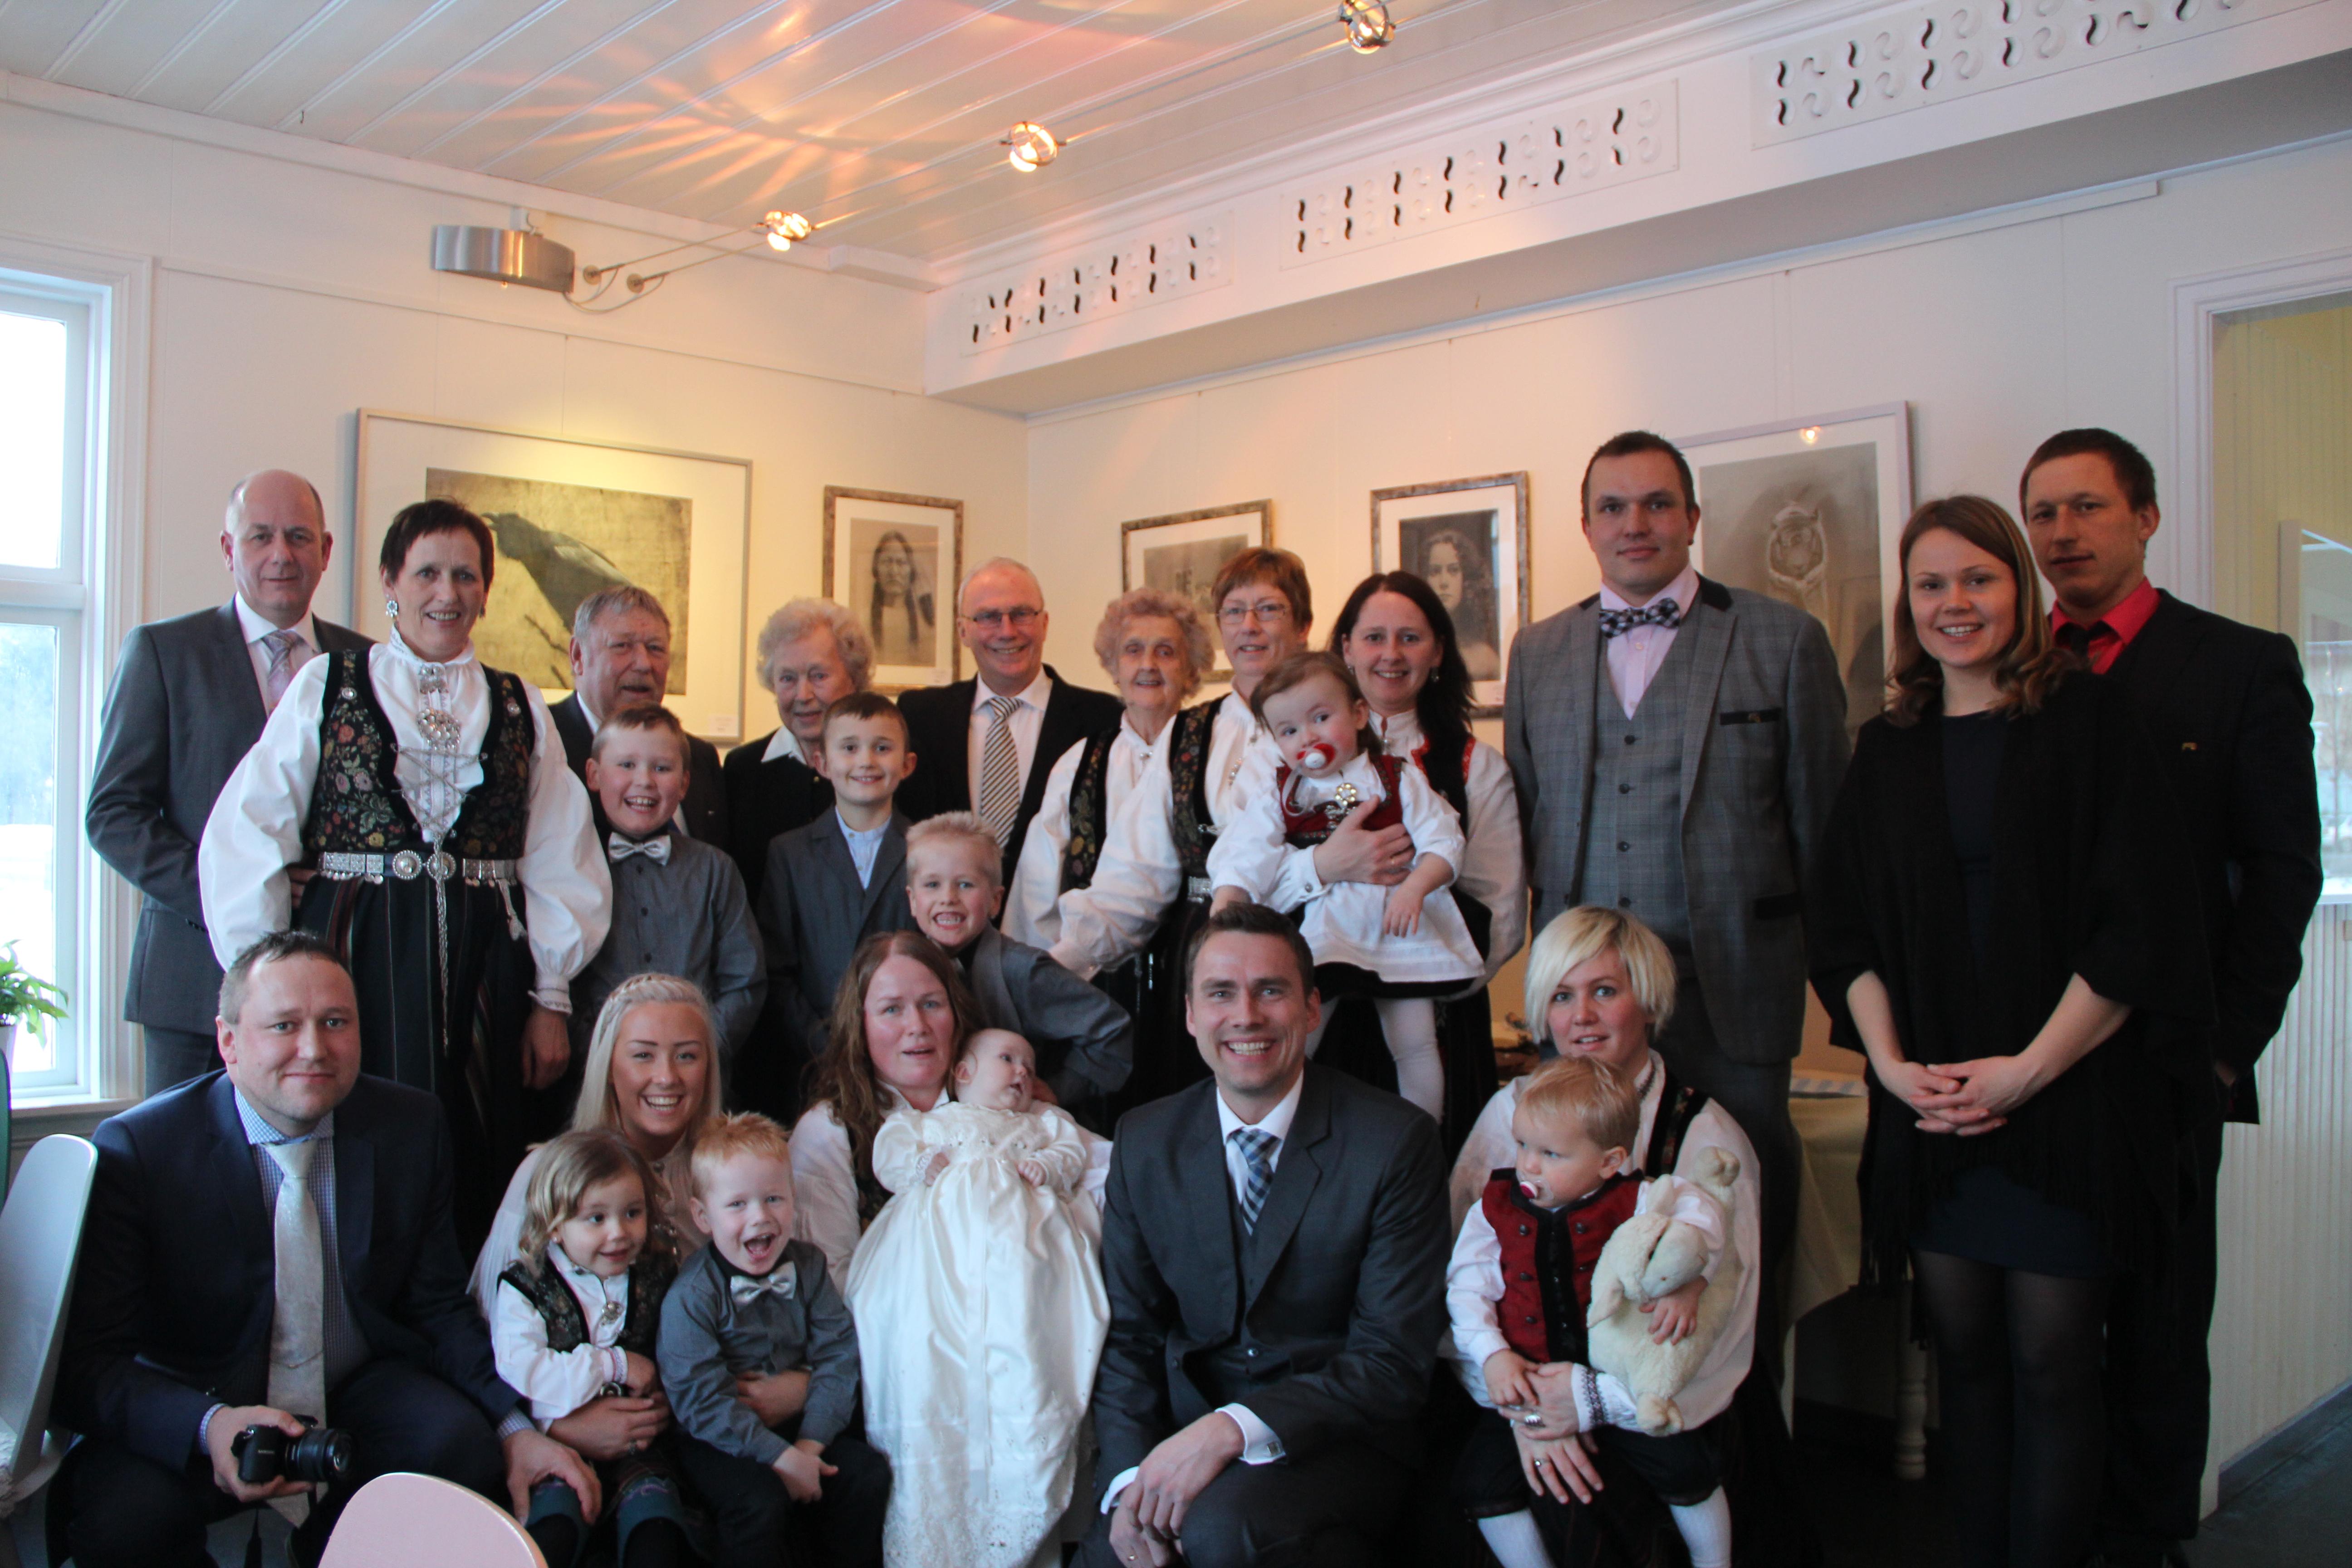 Mathias sin Dåpsdag 15.02.2015 på Kafe Krydder i Sogndal